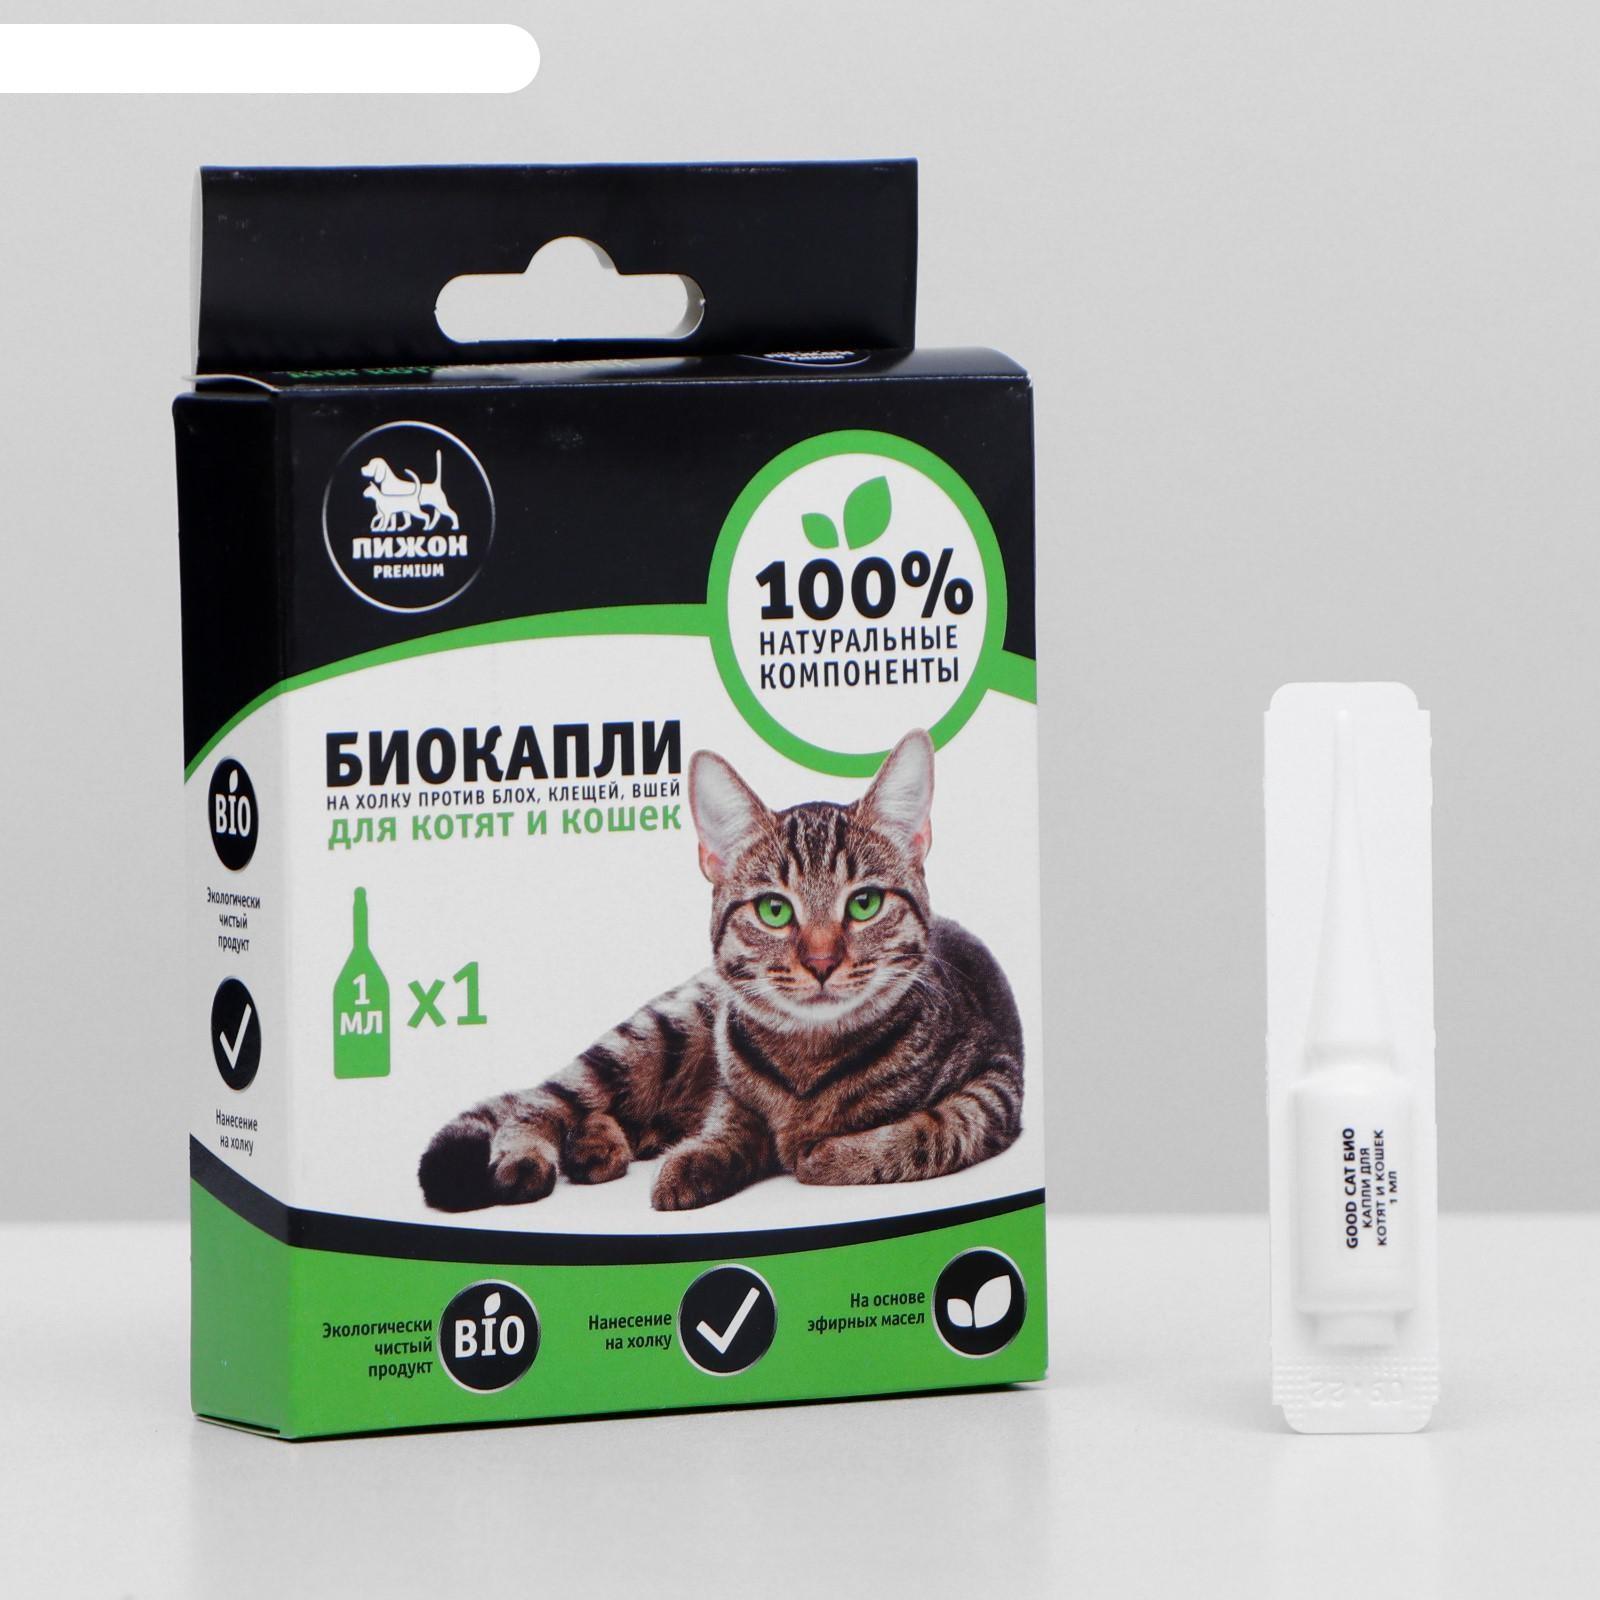 Как выбрать шампунь против блох для кошек и котят